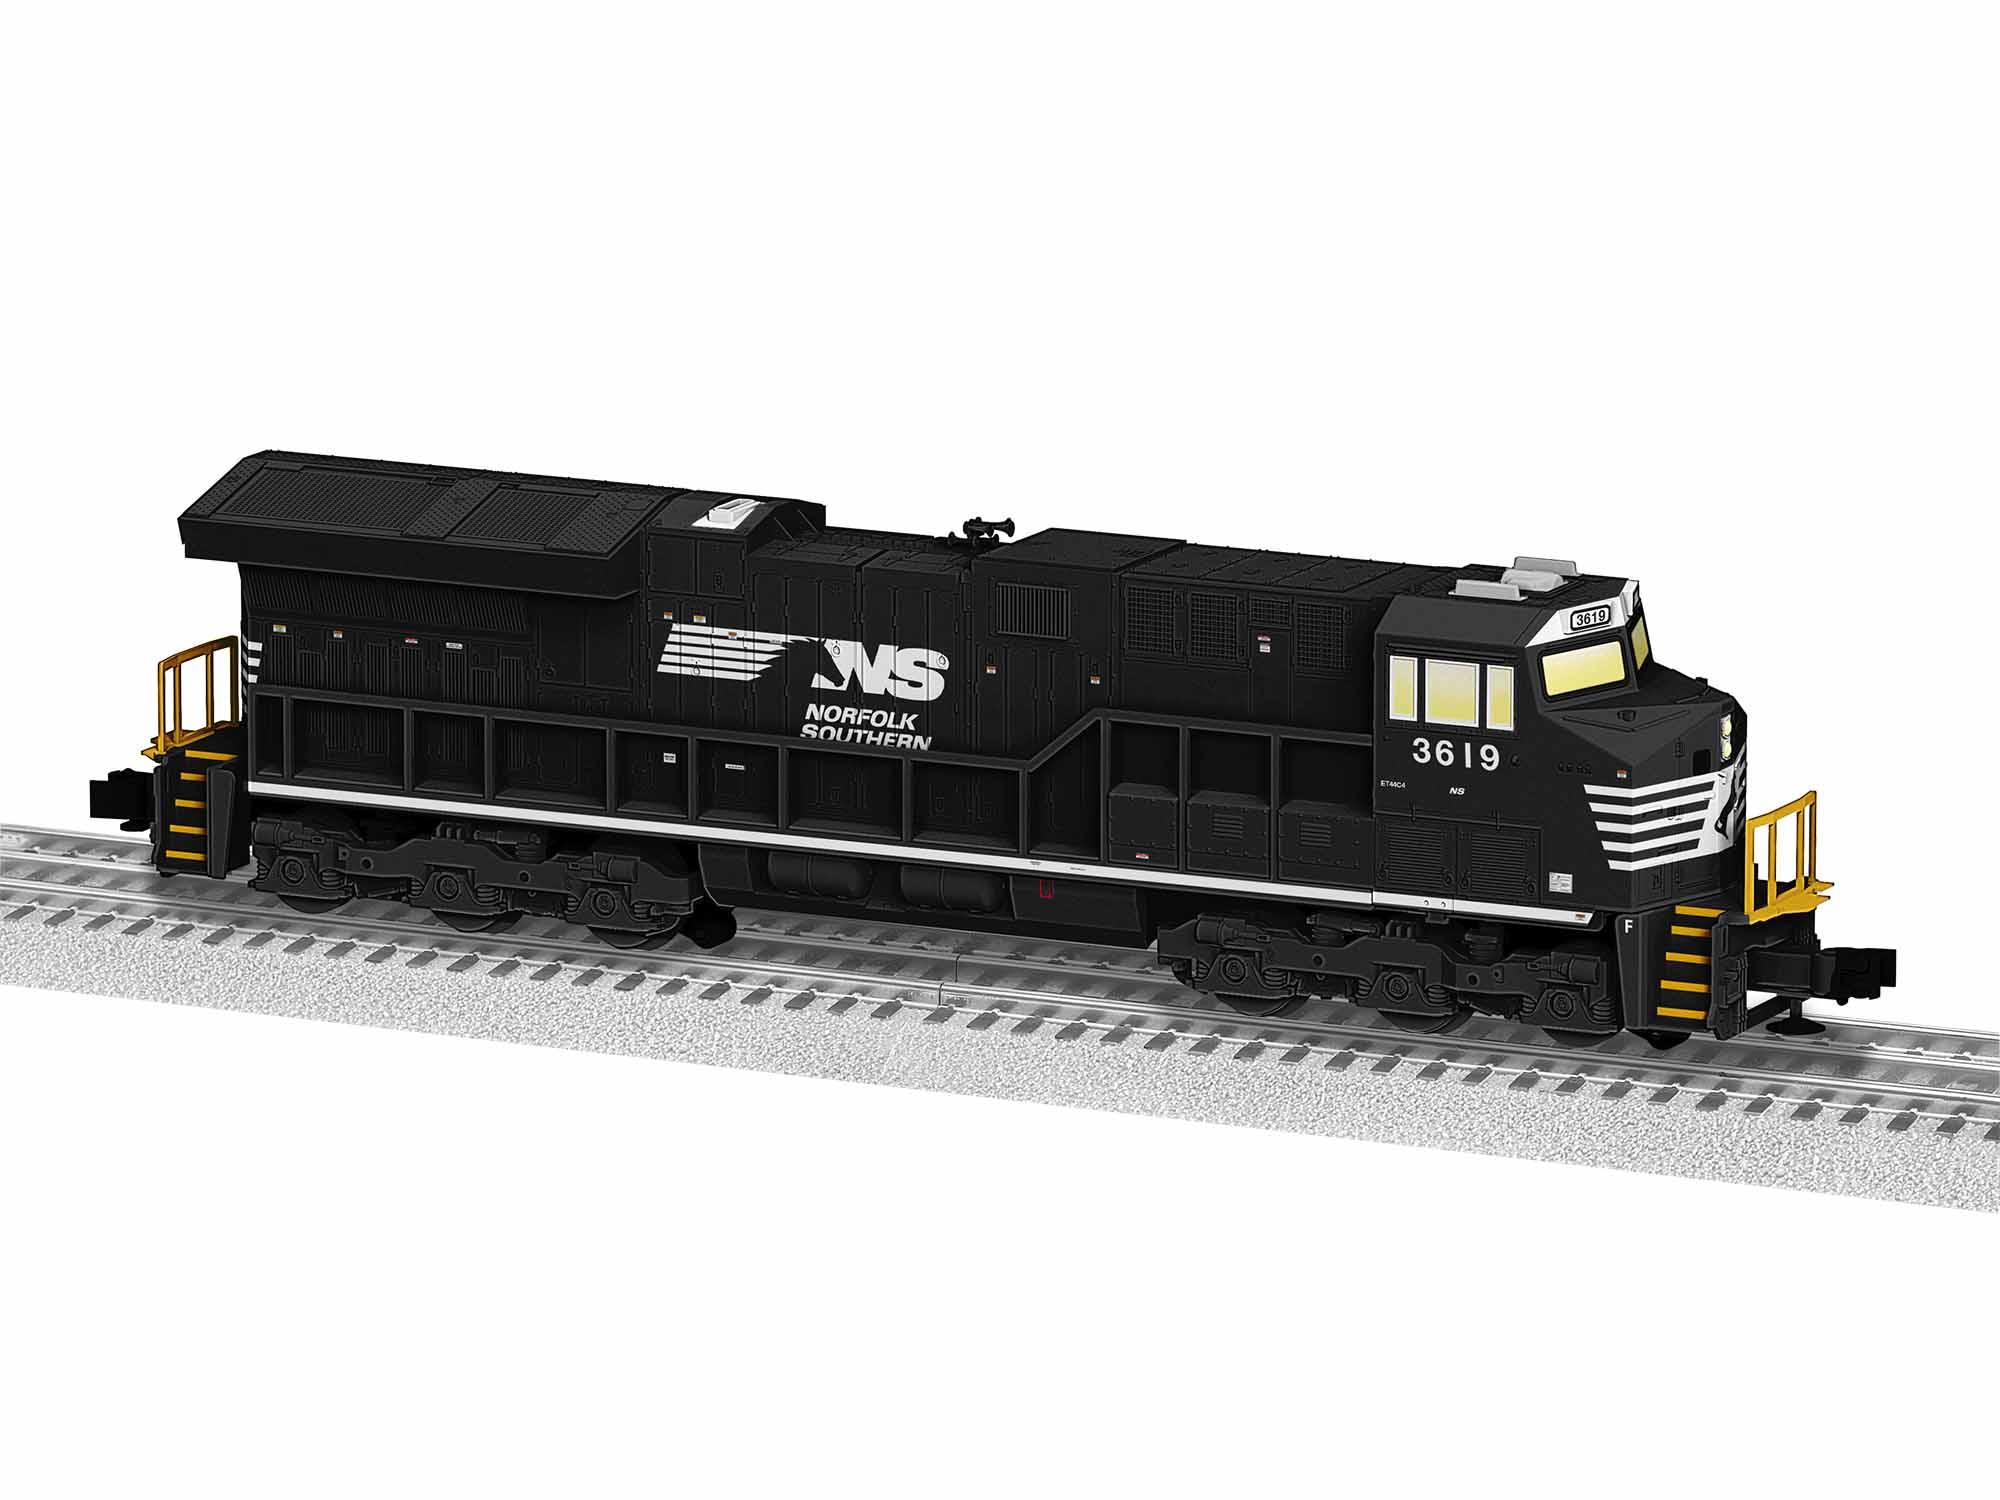 LNL1934032 Lionel O-31 ET44AC, NS #3619